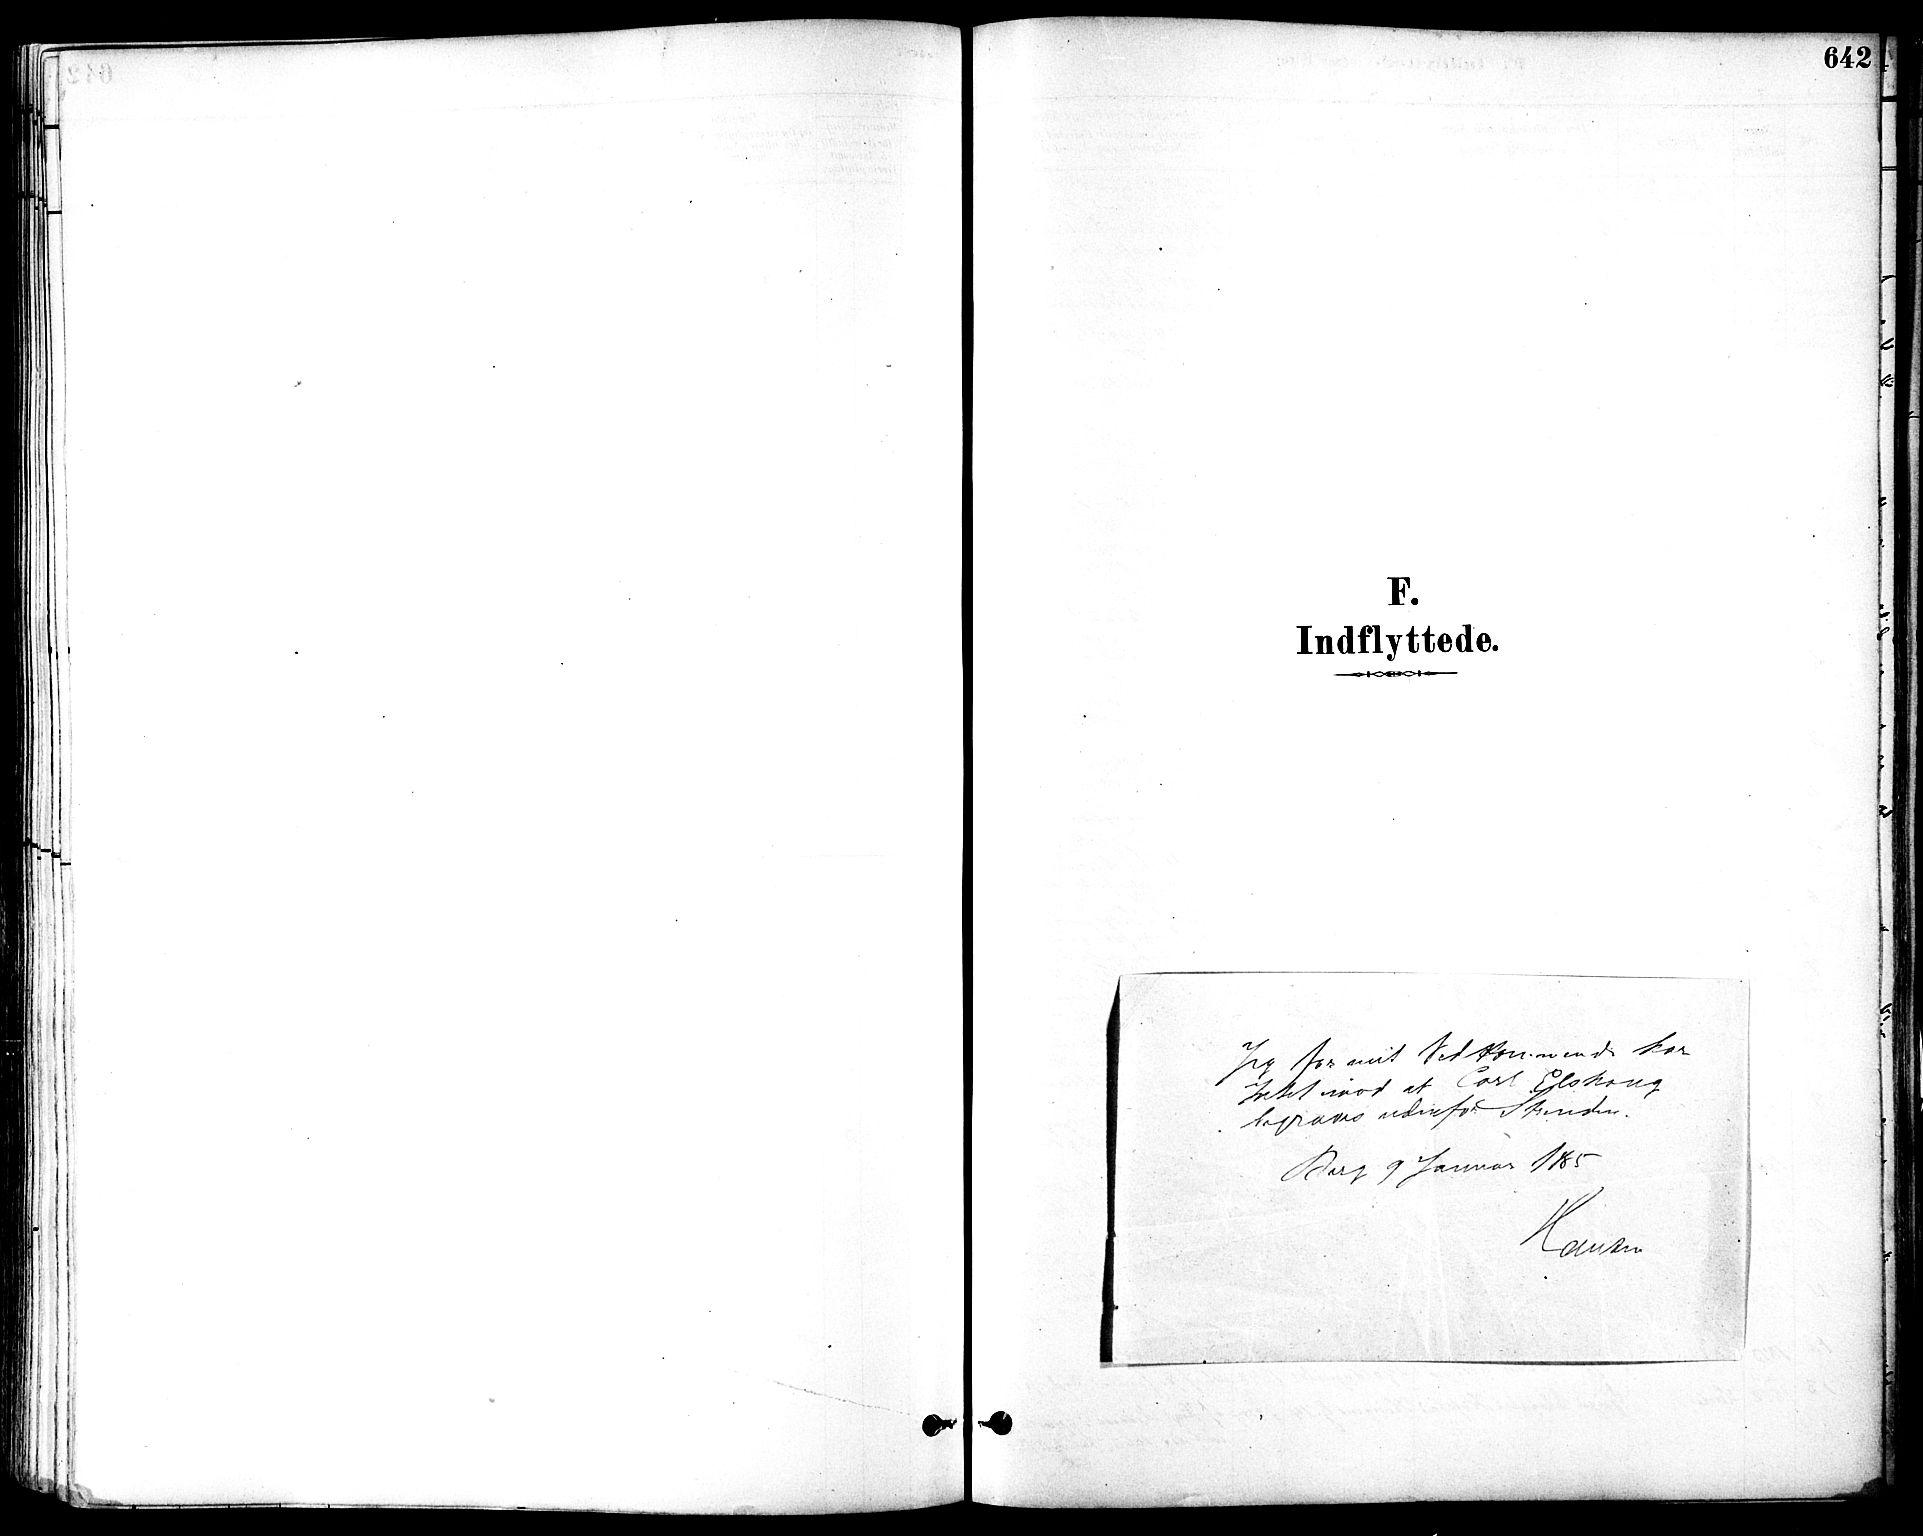 SAT, Ministerialprotokoller, klokkerbøker og fødselsregistre - Sør-Trøndelag, 601/L0058: Ministerialbok nr. 601A26, 1877-1891, s. 642